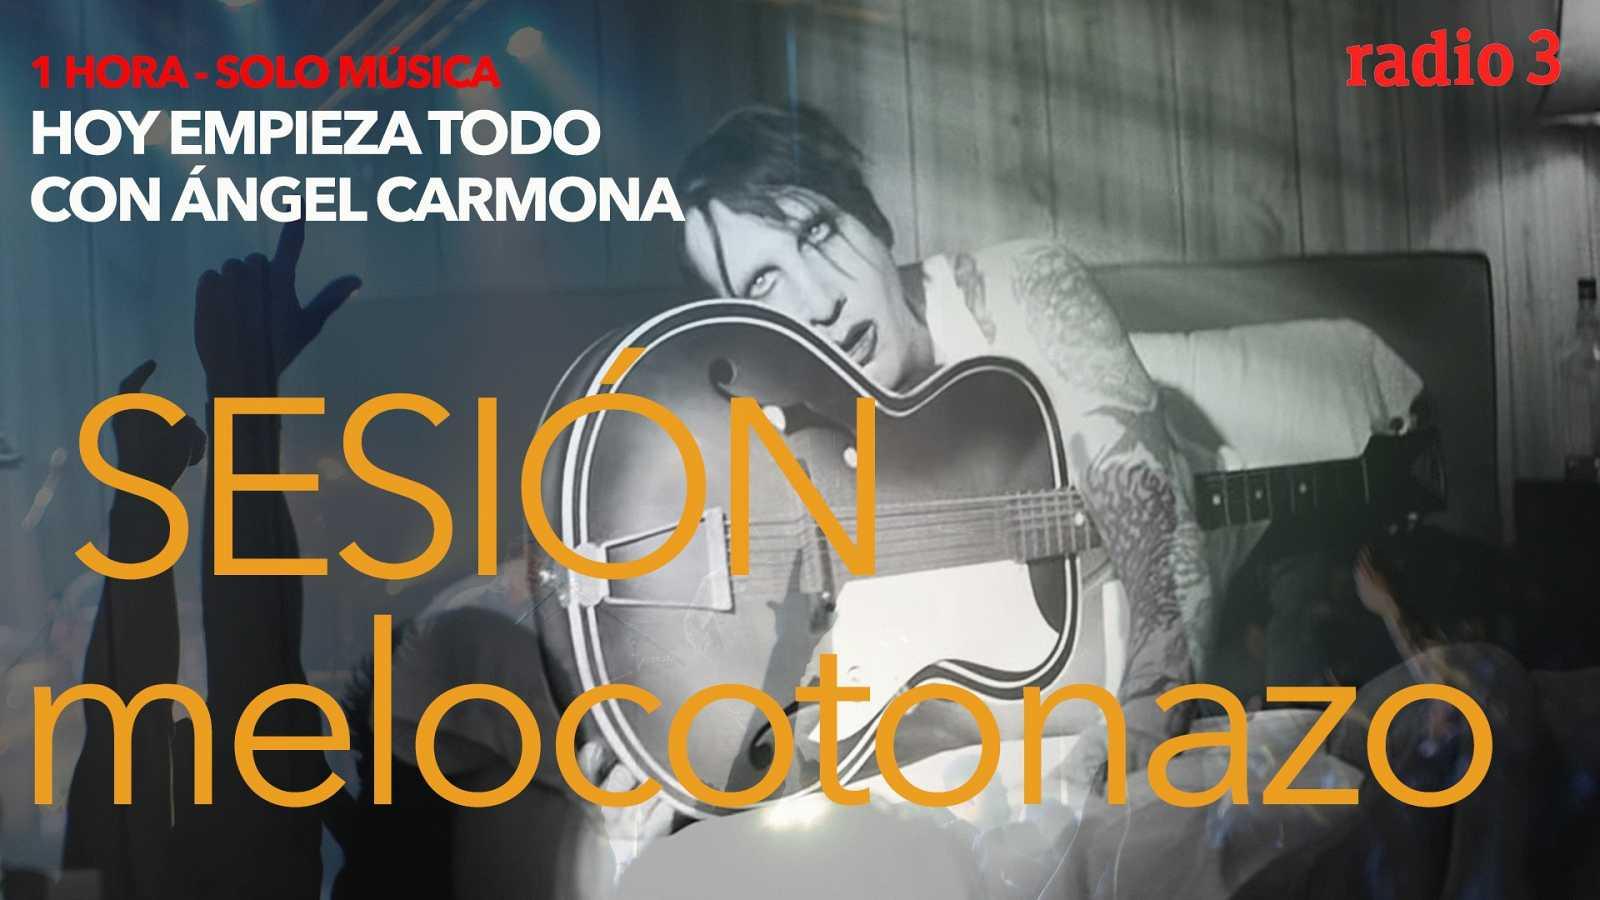 """Hoy empieza todo con Ángel Carmona - """"#SesiónMelocotonazo"""": Marilyn Manson, Queen, The Smashing Pumpkins... - 05/01/21 - escuchar ahora"""